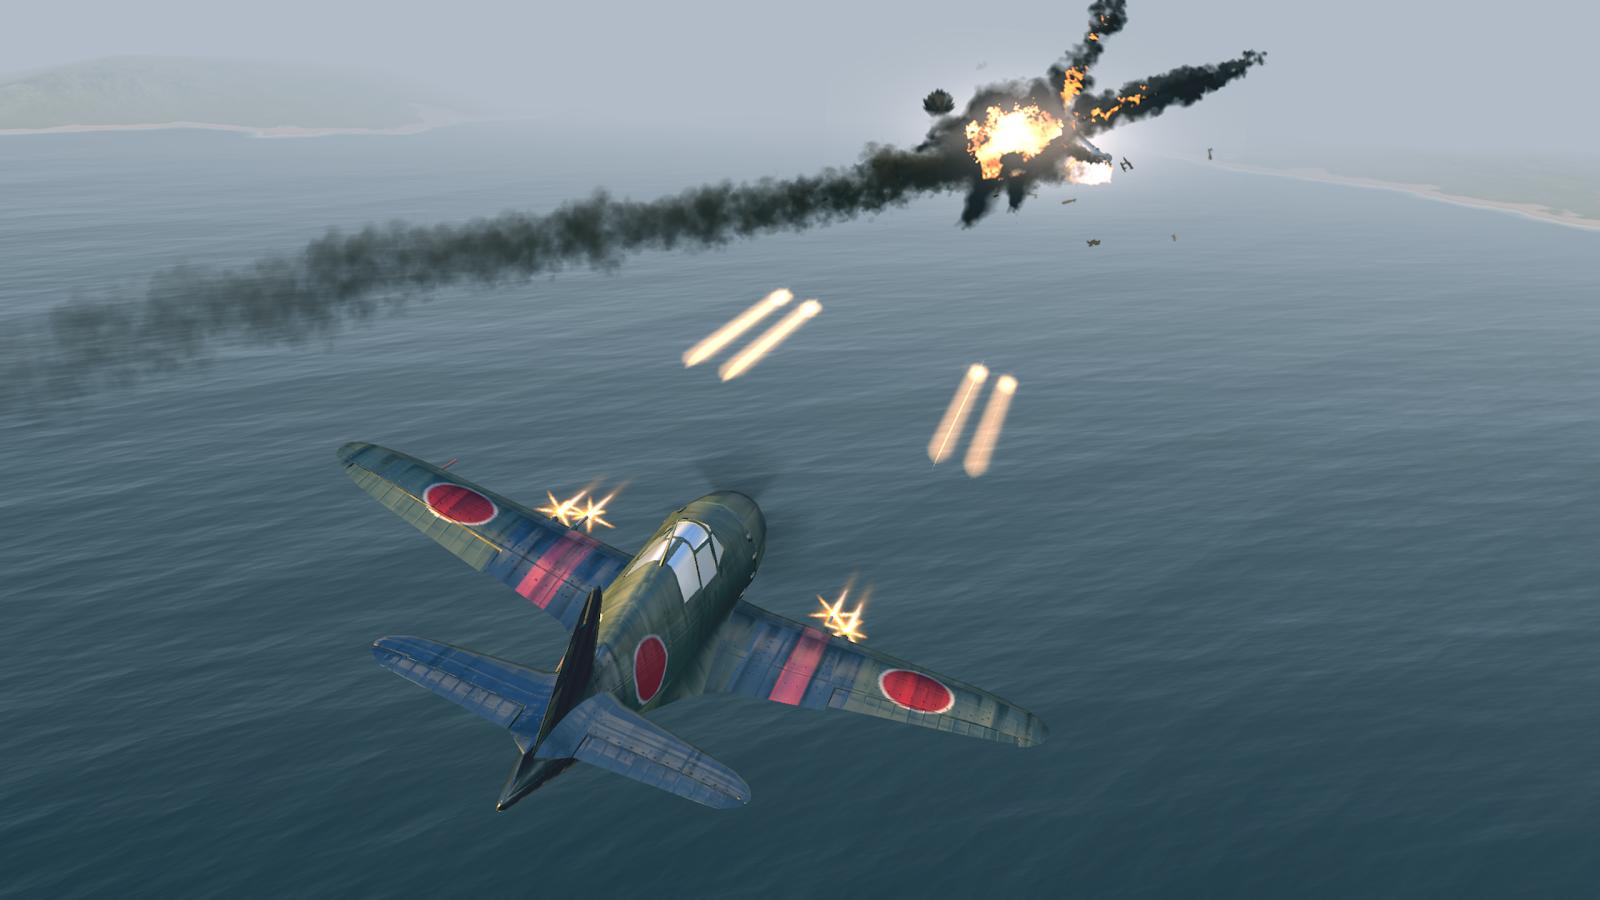 Обои Вторая мировая, F4u corsair, chance vought. Авиация foto 2